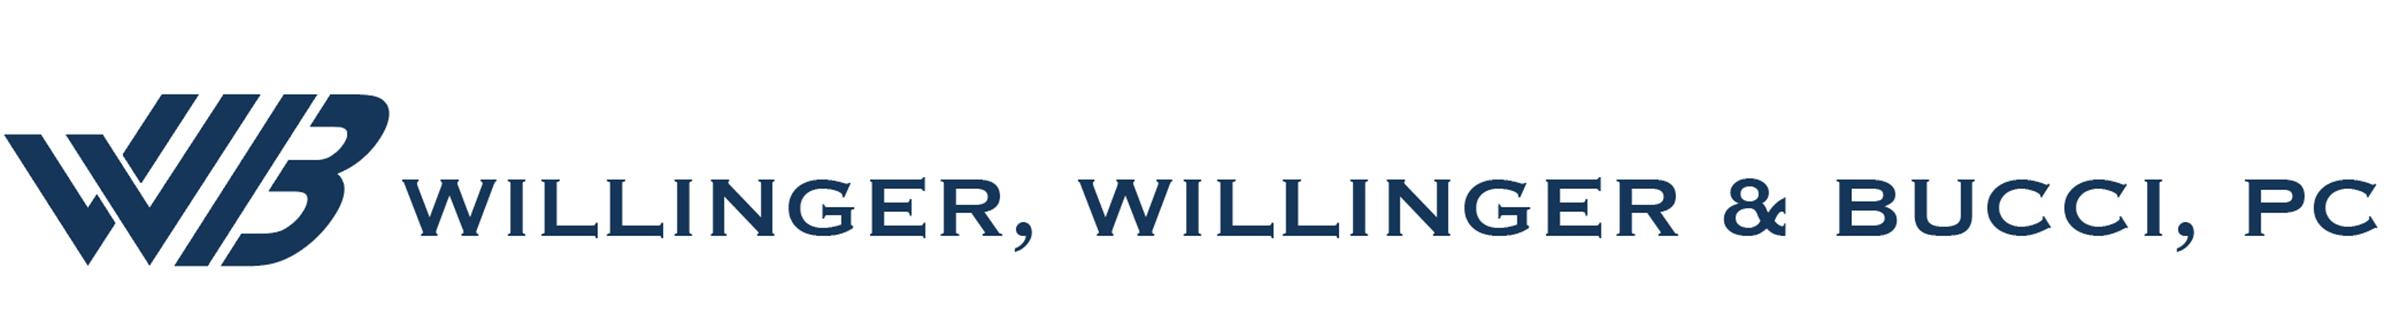 Willinger, Willinger, Bucci, P.C.